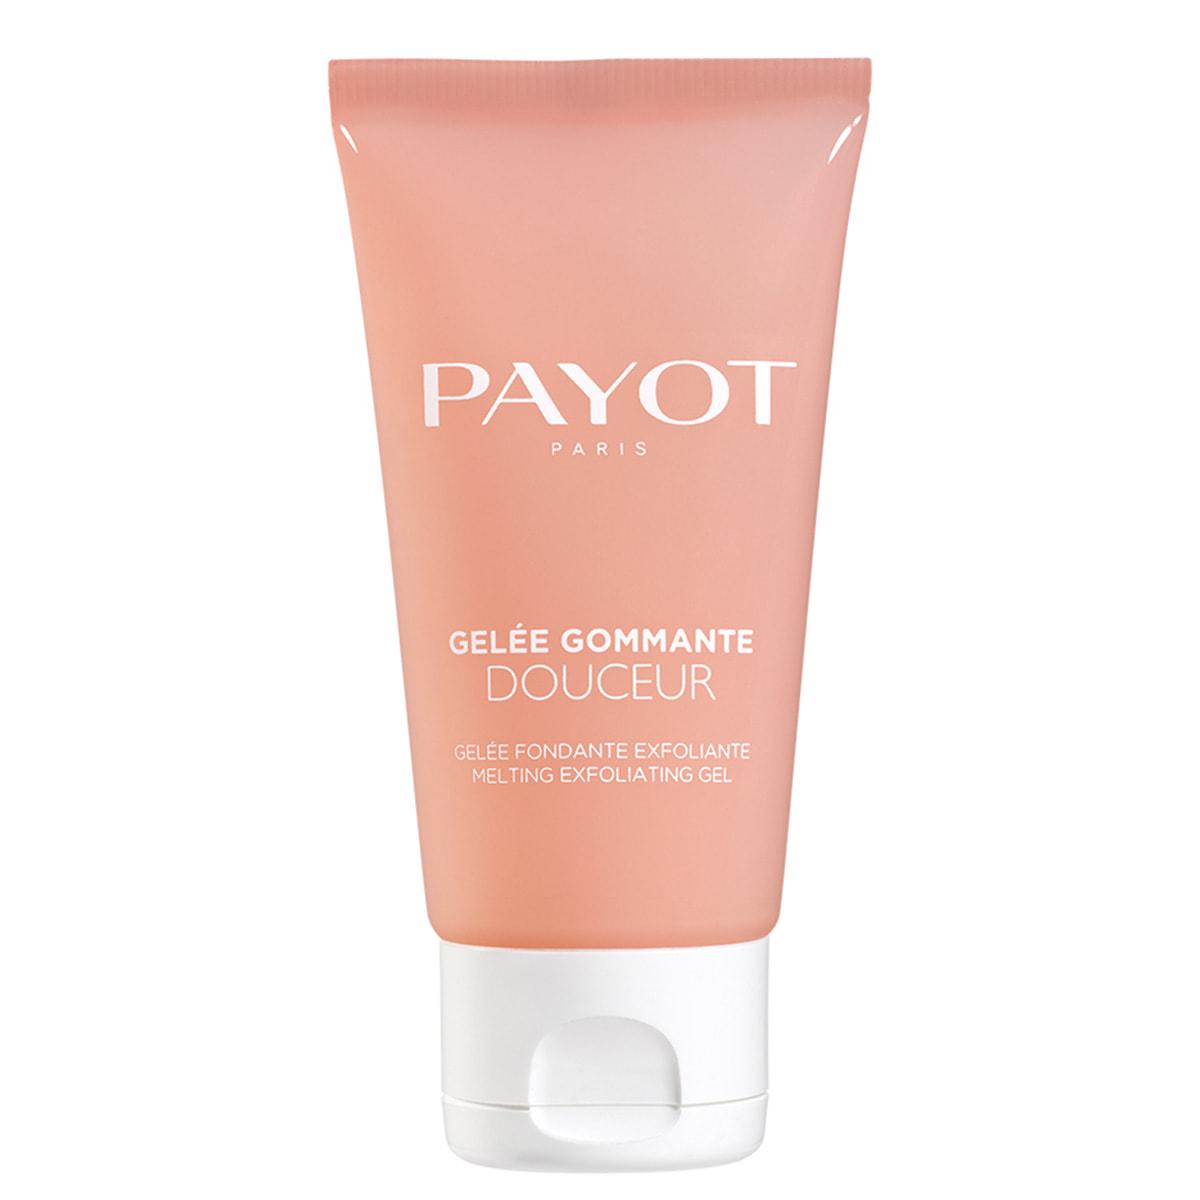 Payot - Gélee Gommante Douceur